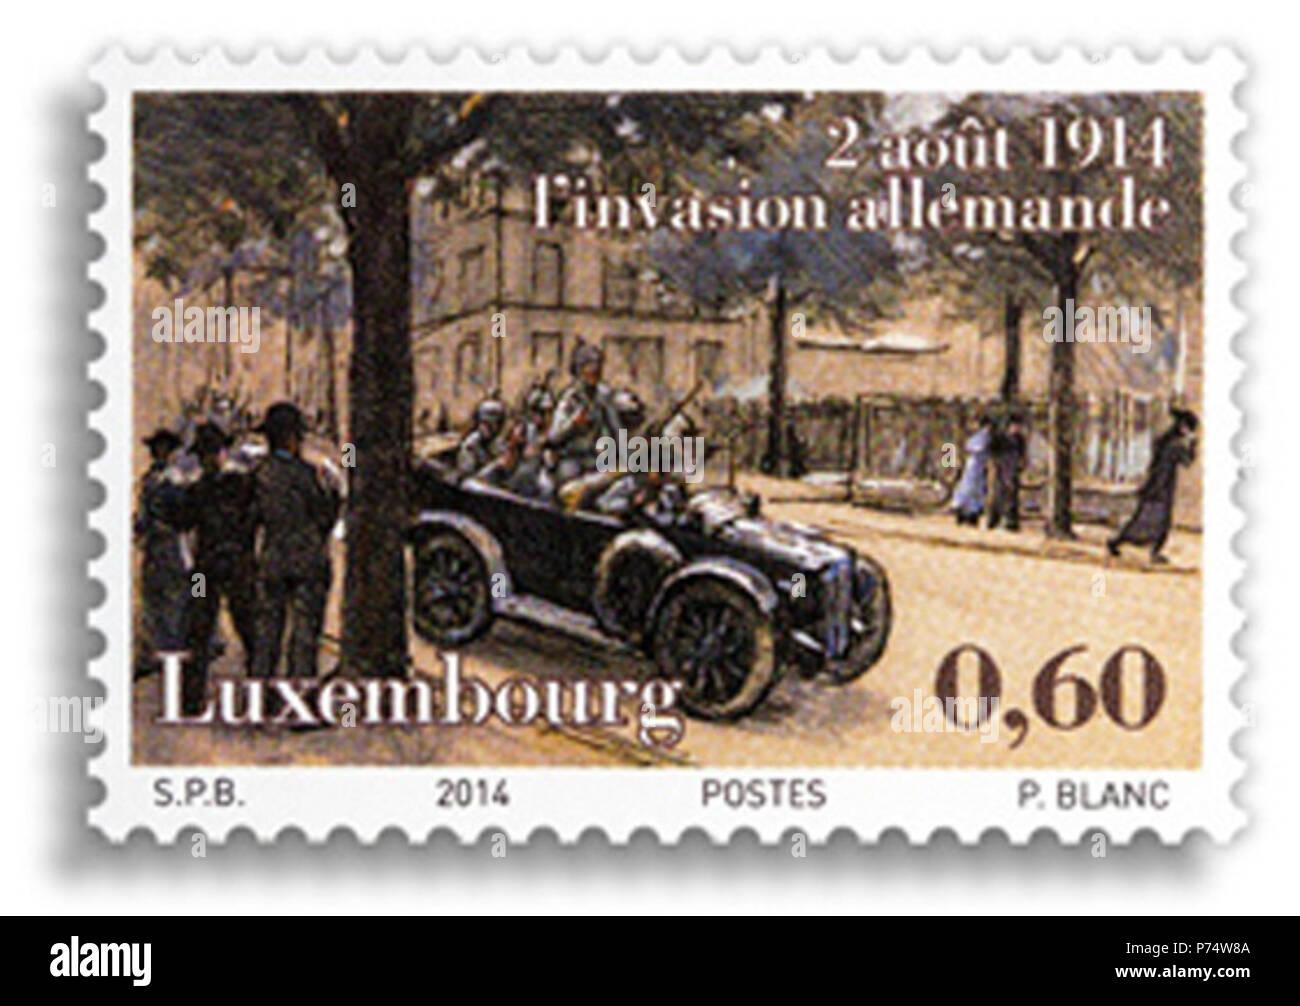 39 Pierre Blanc, timbre 100 ans de la Première Guerre Mondiale - Stock Image